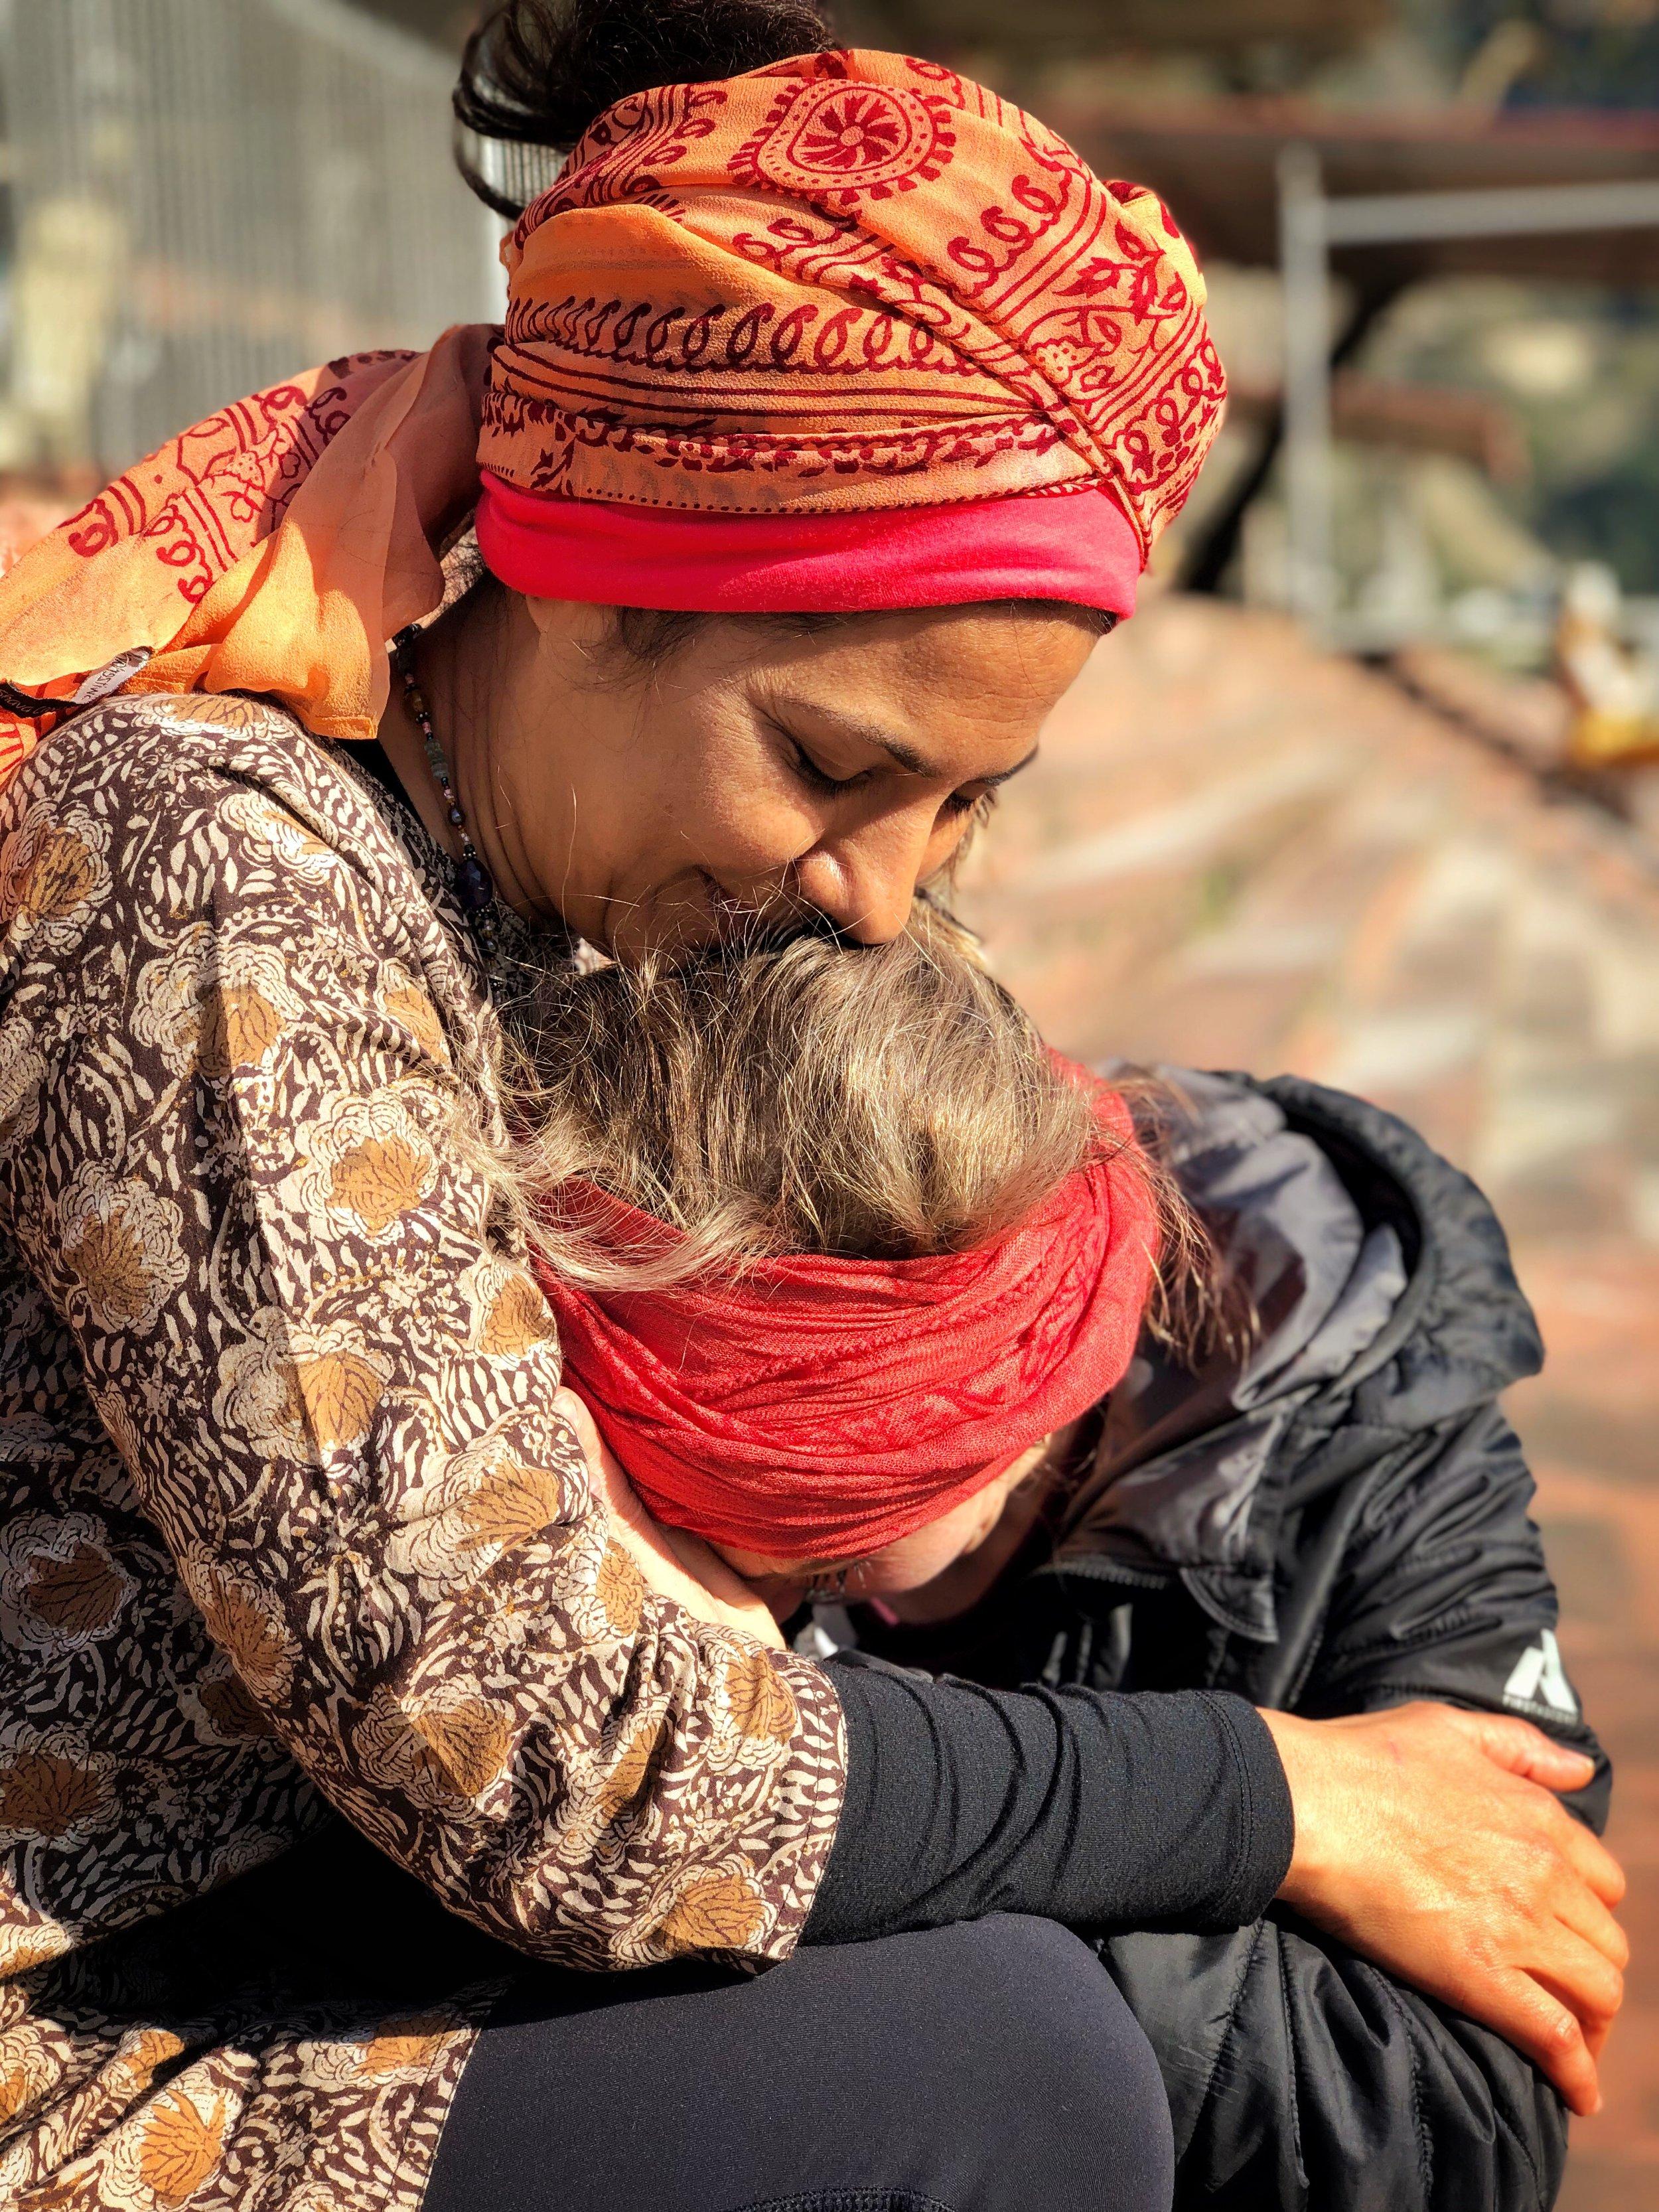 Veechi Shahi hugging a guest